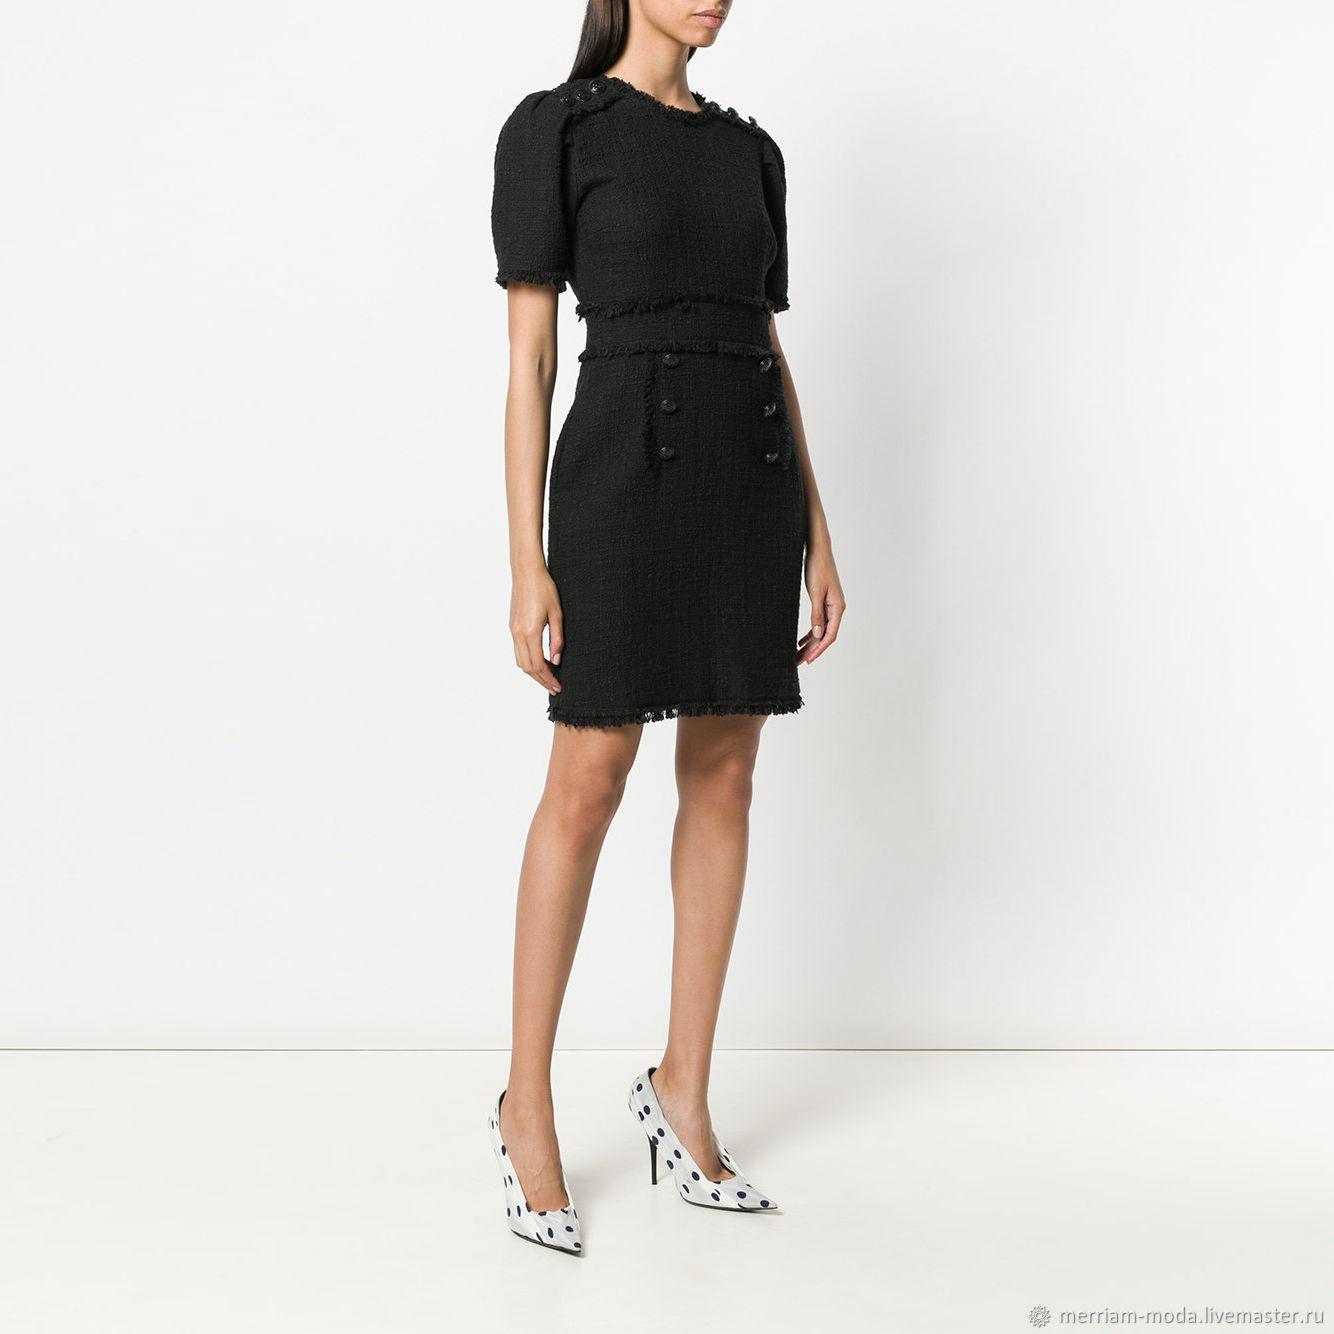 Платья ручной работы. Ярмарка Мастеров - ручная работа. Купить Платье Габриэль. Handmade. Черный, черное платье, платье шанель